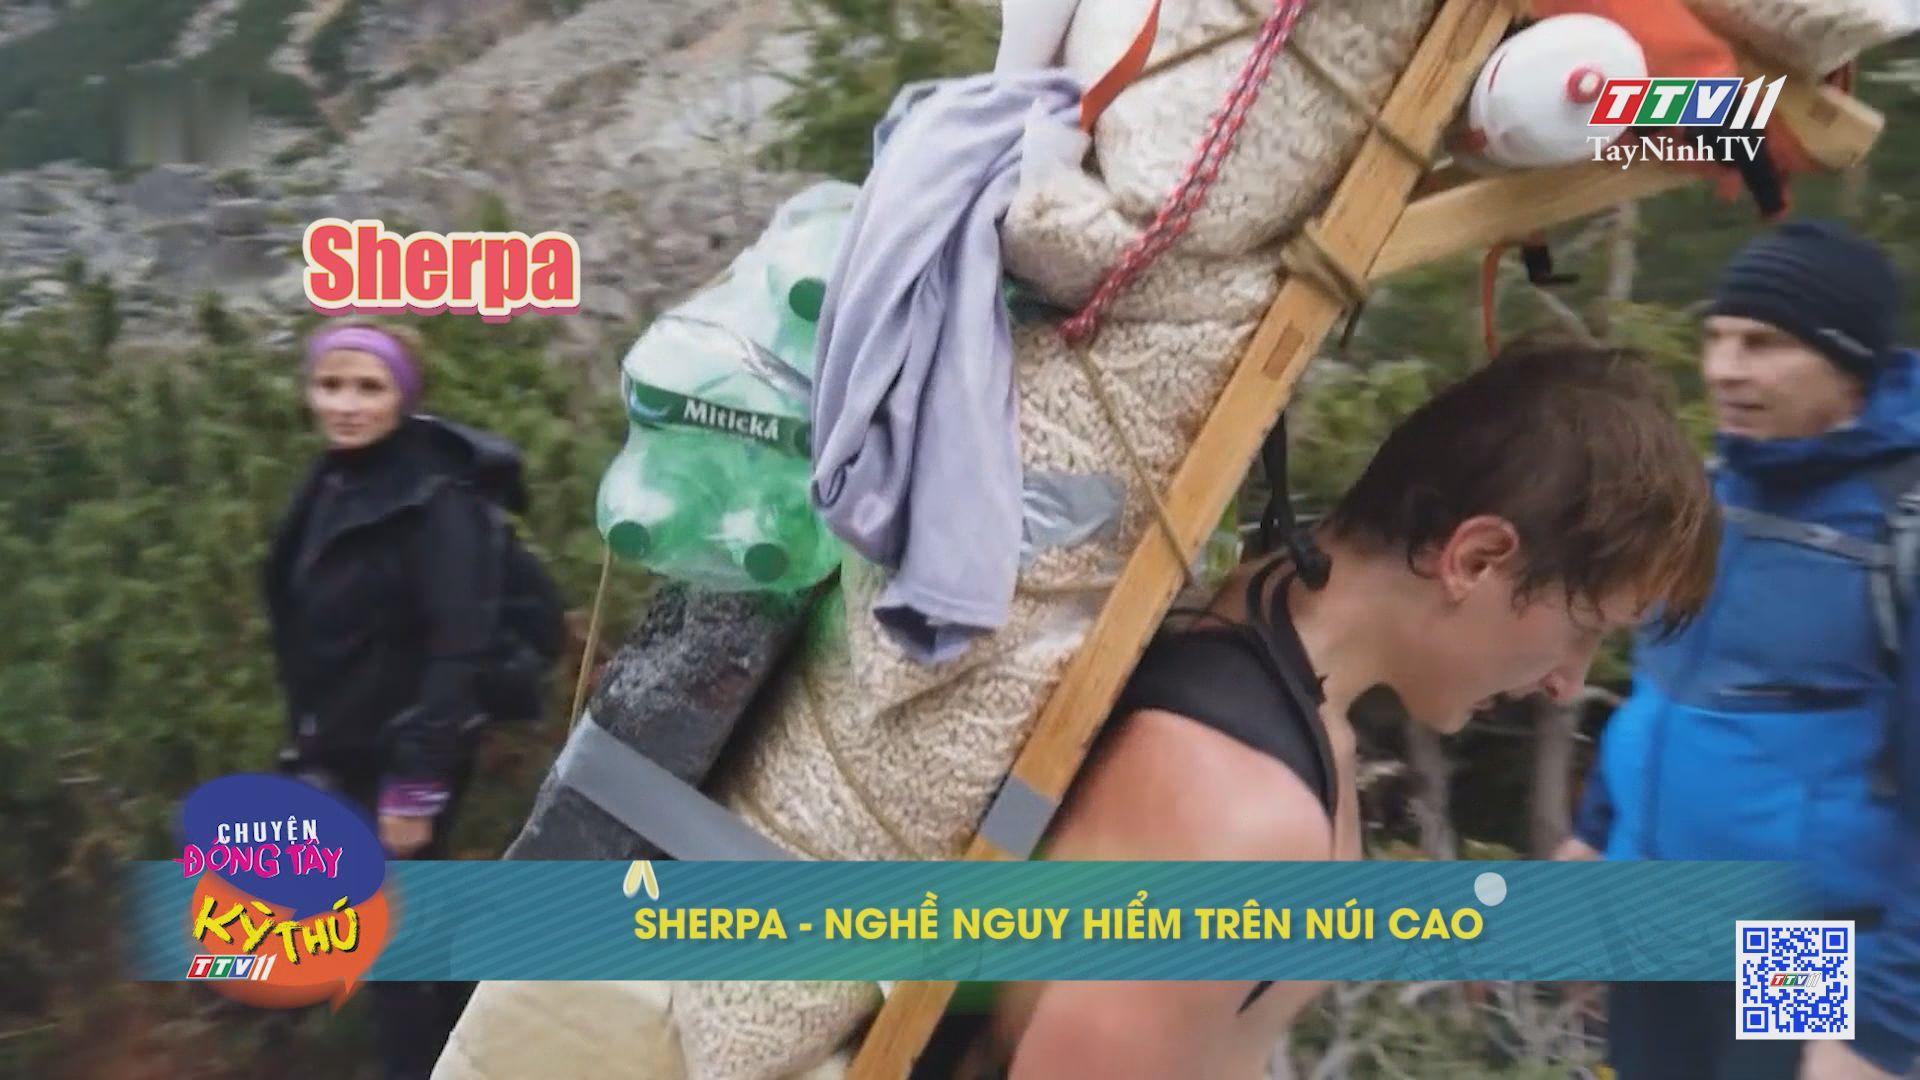 Sherpa-Nghề nguy hiểm trên núi cao | CHUYỆN ĐÔNG TÂY KỲ THÚ | TayNinhTVE